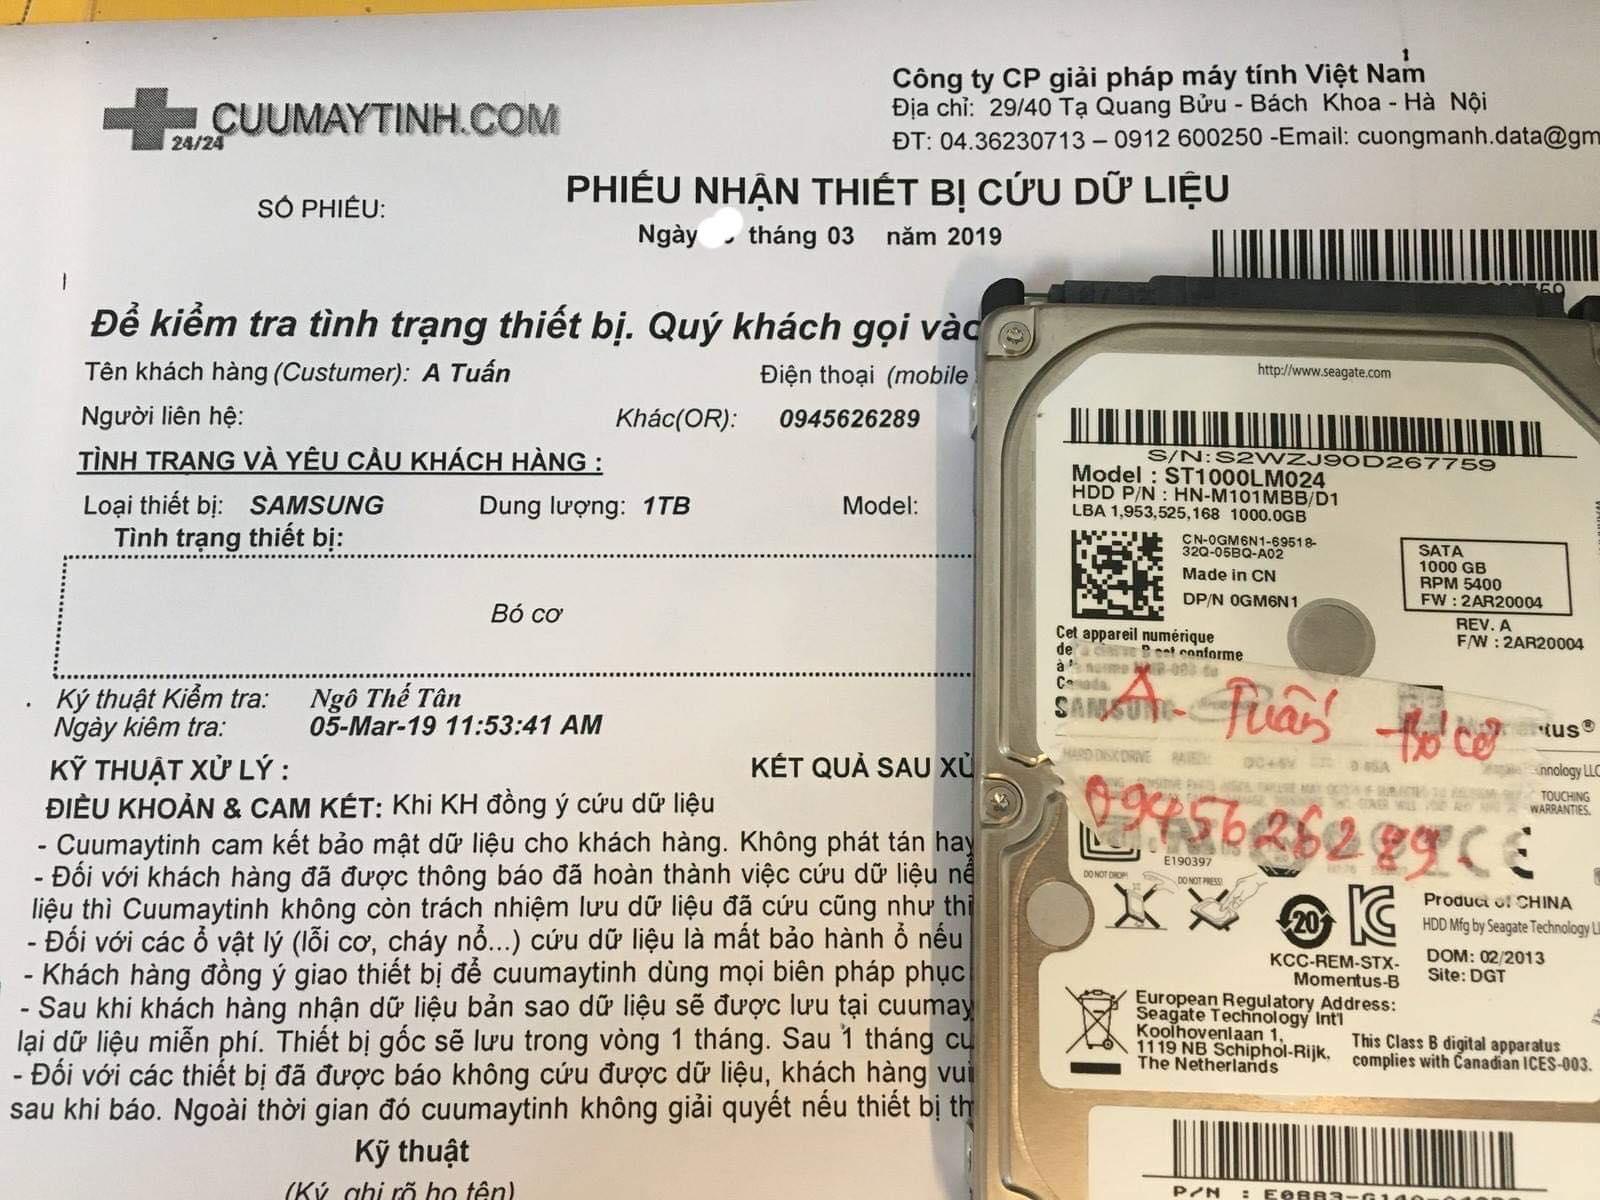 Lấy dữ liệu ổ cứng Samsung 1TB bó cơ 05/03/2019 - cuumaytinh